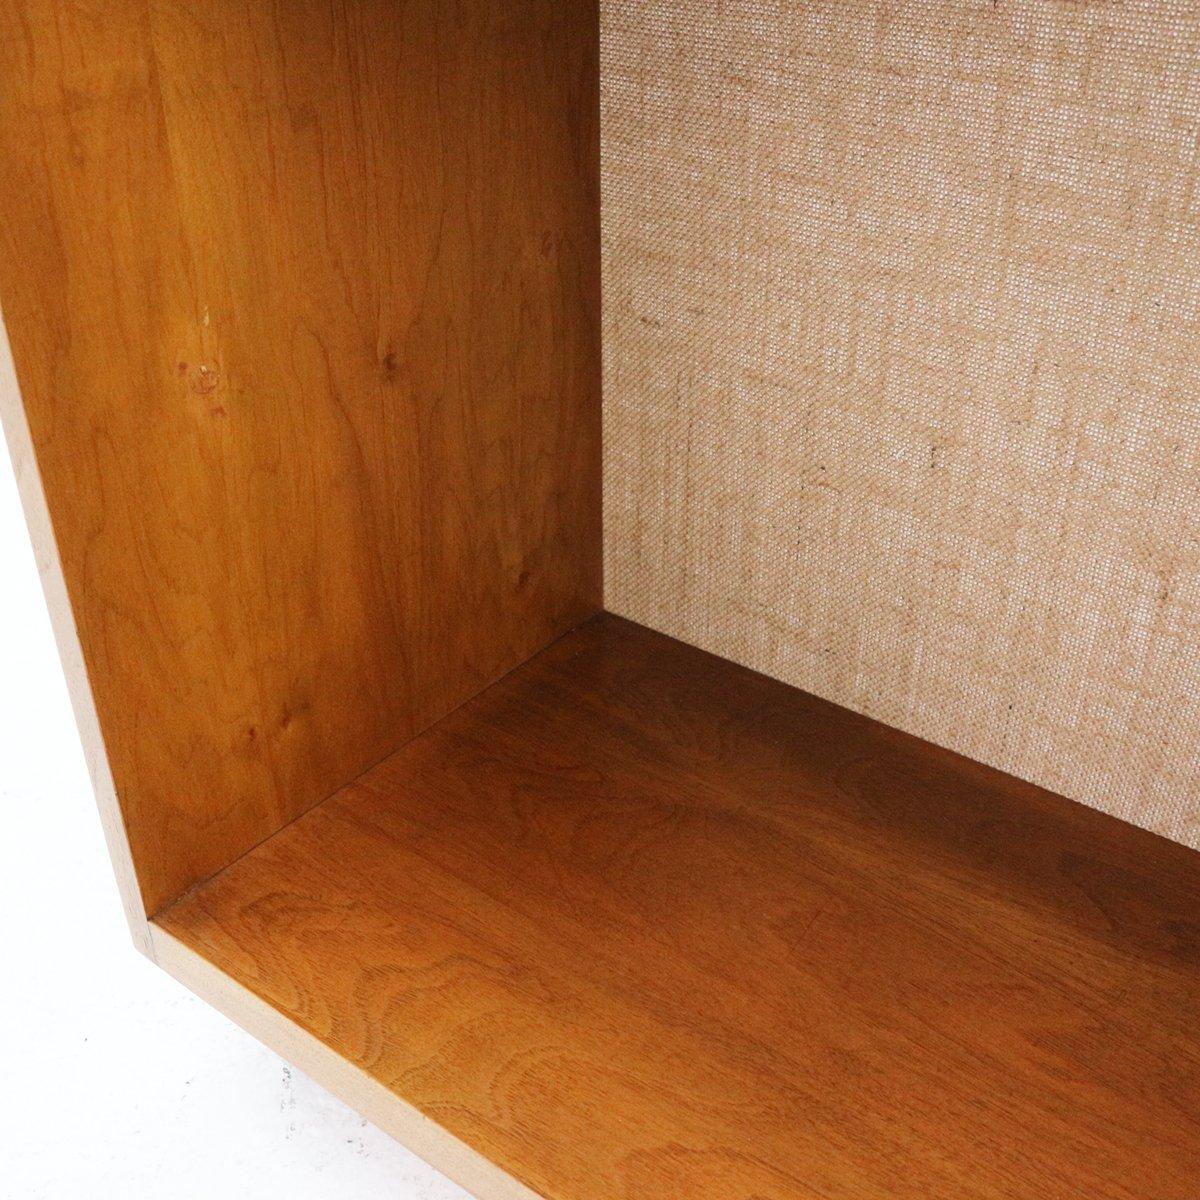 schrank aus nussholz mit jute bedeckter r ckwand 1960er bei pamono kaufen. Black Bedroom Furniture Sets. Home Design Ideas